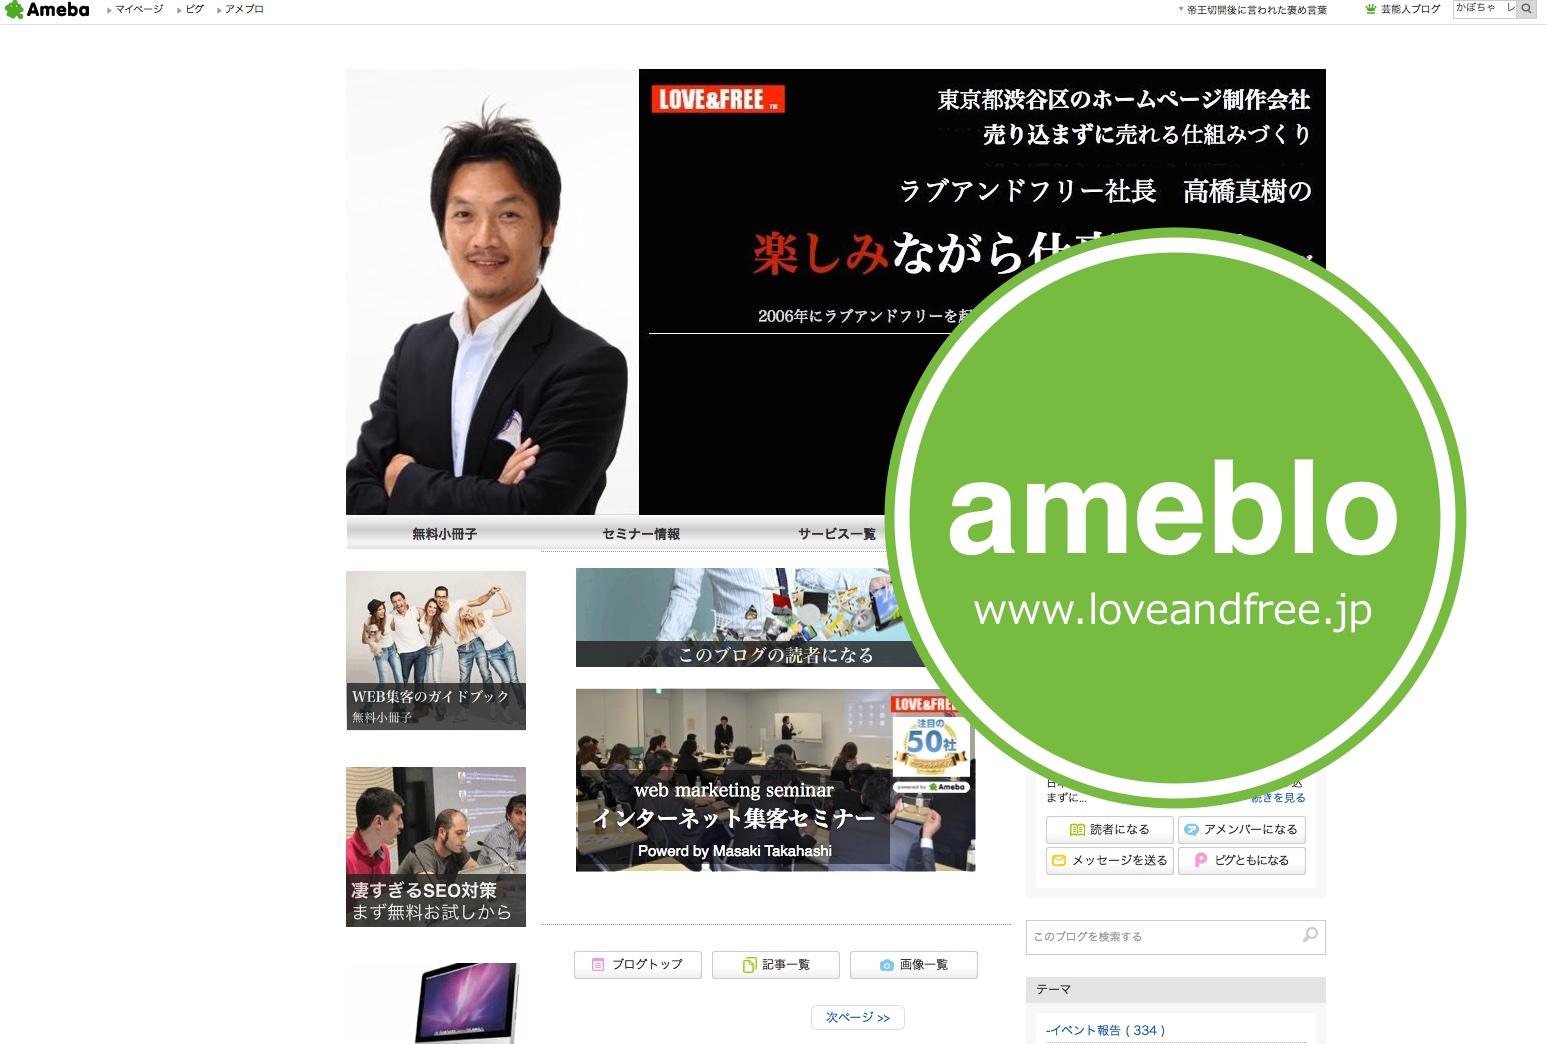 アメブロがWebマスターツールに登録できるようになりました!